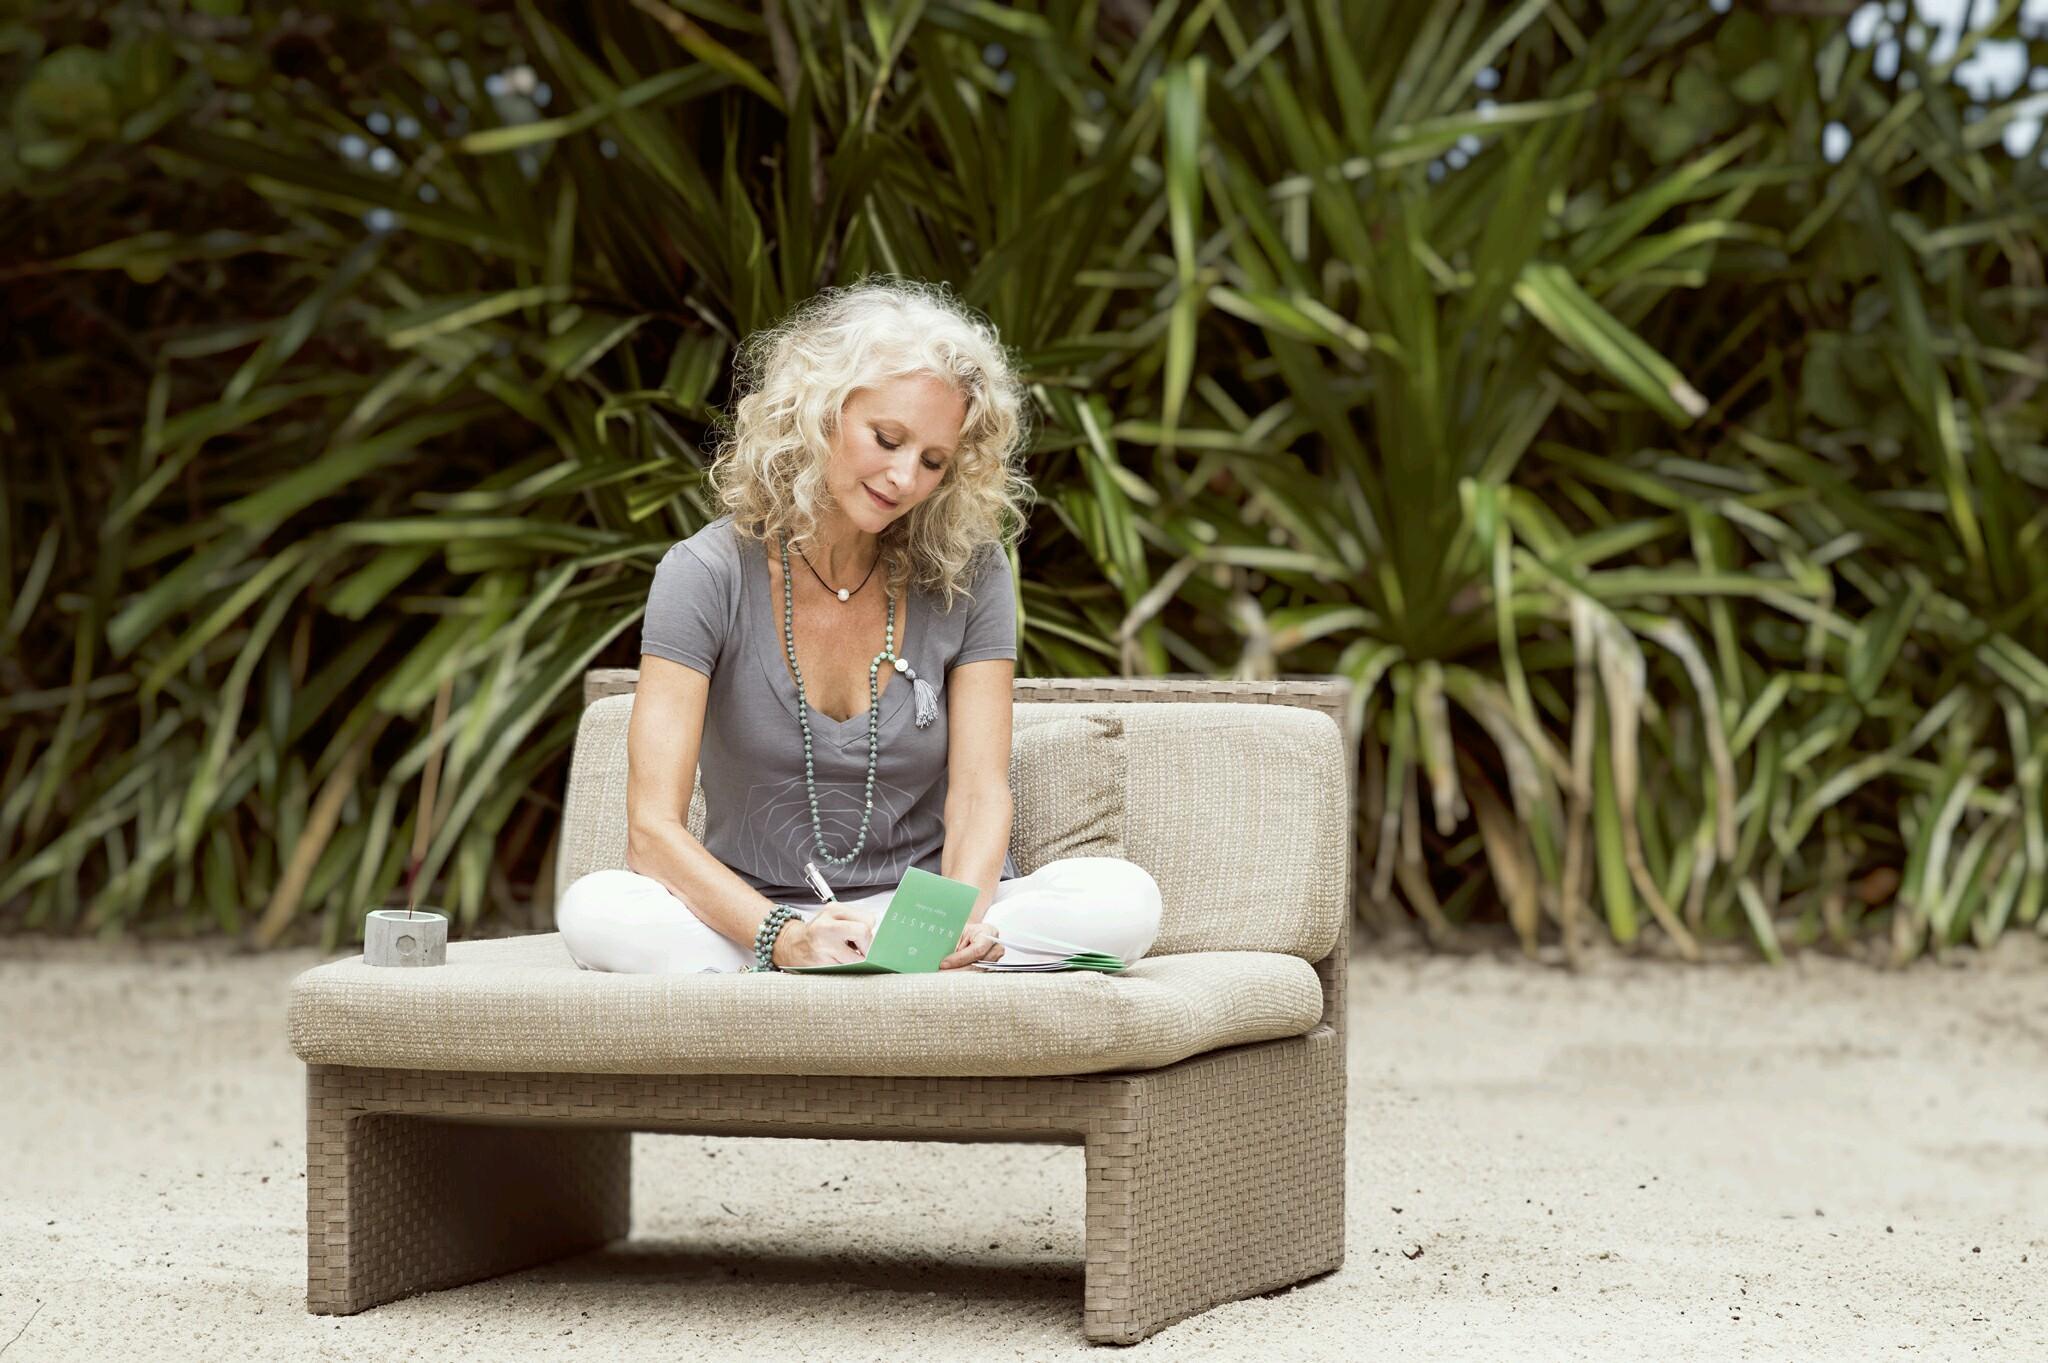 Modern OM Miami Mother's Day Gift Britta Hanson - Get Ink PR